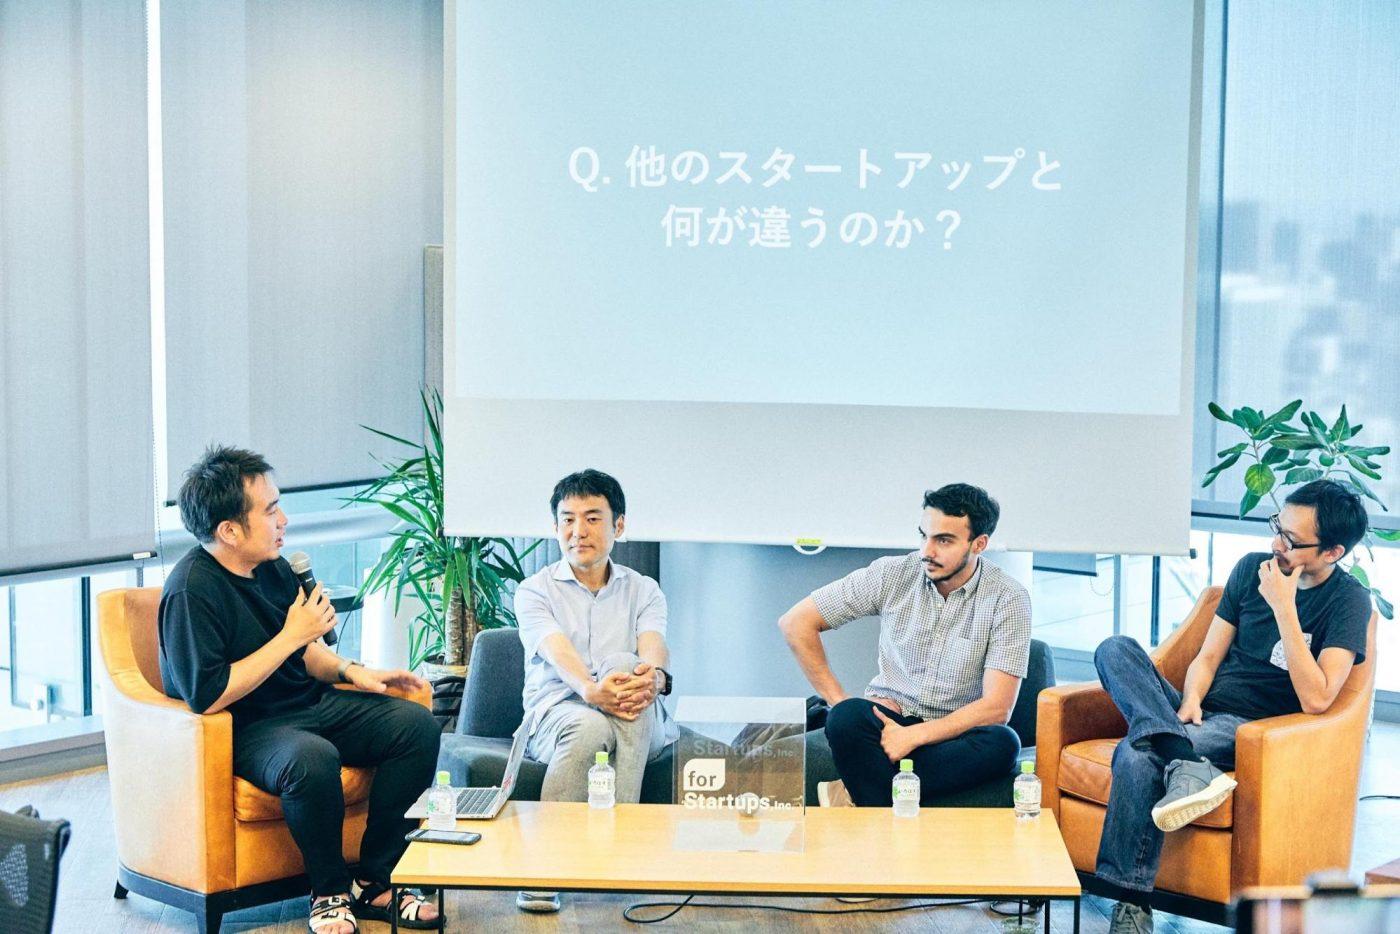 宮田 「次の質問です。SmartHRは、他のスタートアップと比較してどんなことが違うのでしょうか。良い面と合わせて、せっかくなので課題である点も伺いたいです」